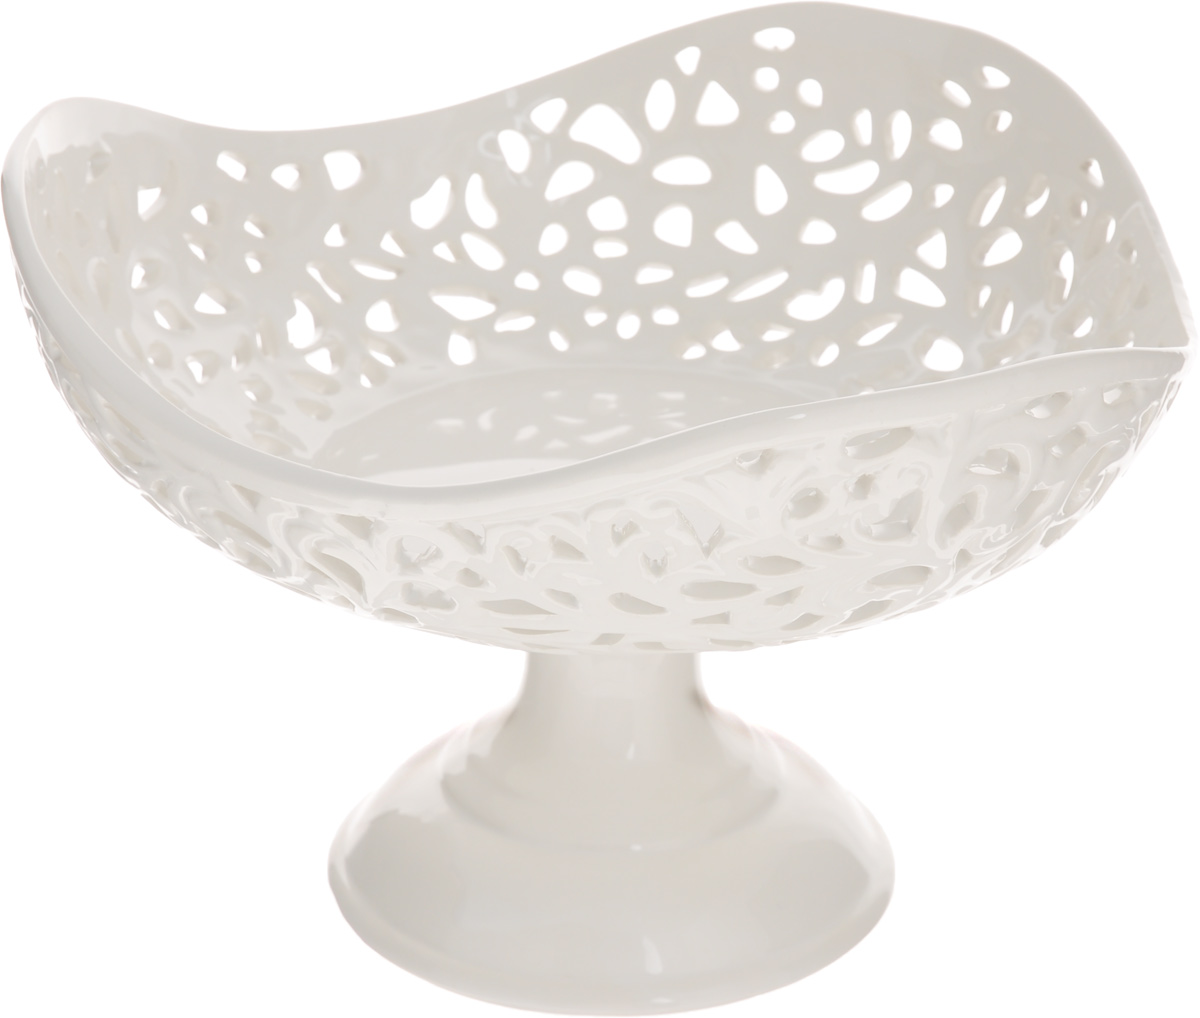 Конфетница Mayer & Boch Ажур, 23 х 23 х 15,5 см115510Конфетница Mayer & Boch Ажур, изготовленная из высококачественного доломита, украшена оригинальным ажурным узором. Стильная форма и интересное исполнение идеально впишутся в любой стиль, а универсальный белый цвет подойдет к любой мебели.Такая конфетница принесет новизну в вашу кухню и приятно порадует глаз.